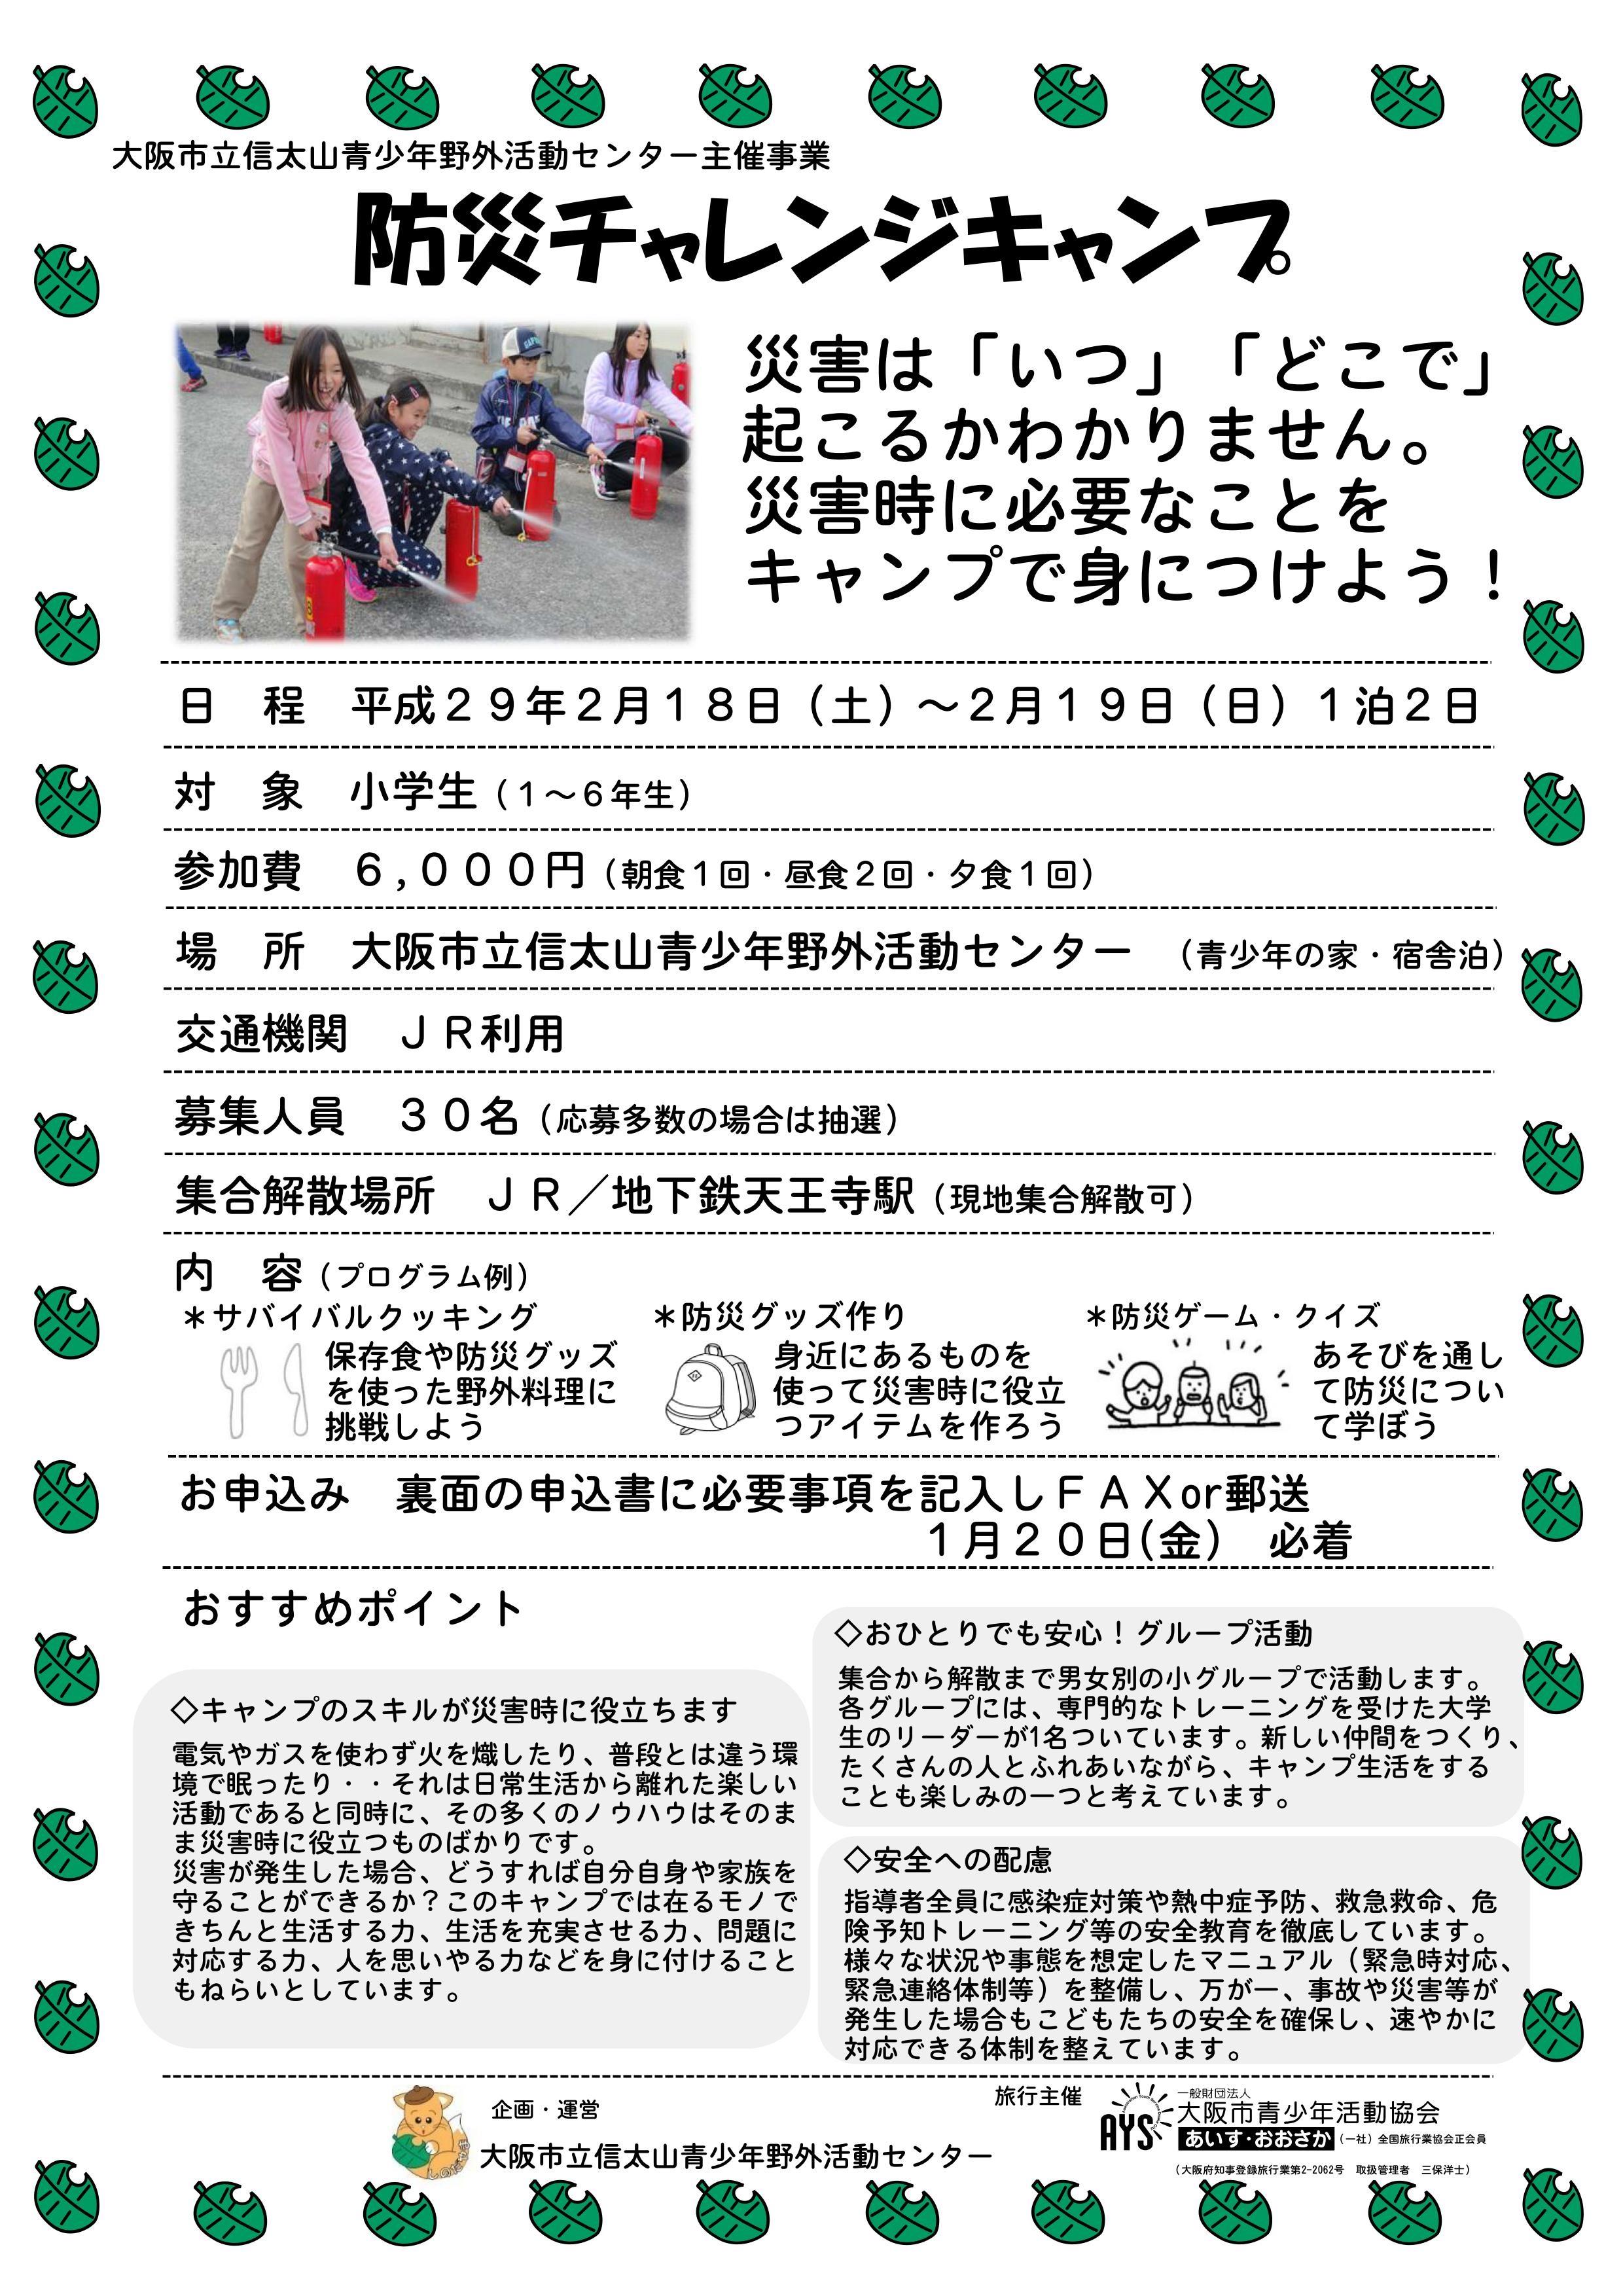 『防災チャレンジキャンプ』参加者募集中!!(応募締切1月20日金曜日まで)